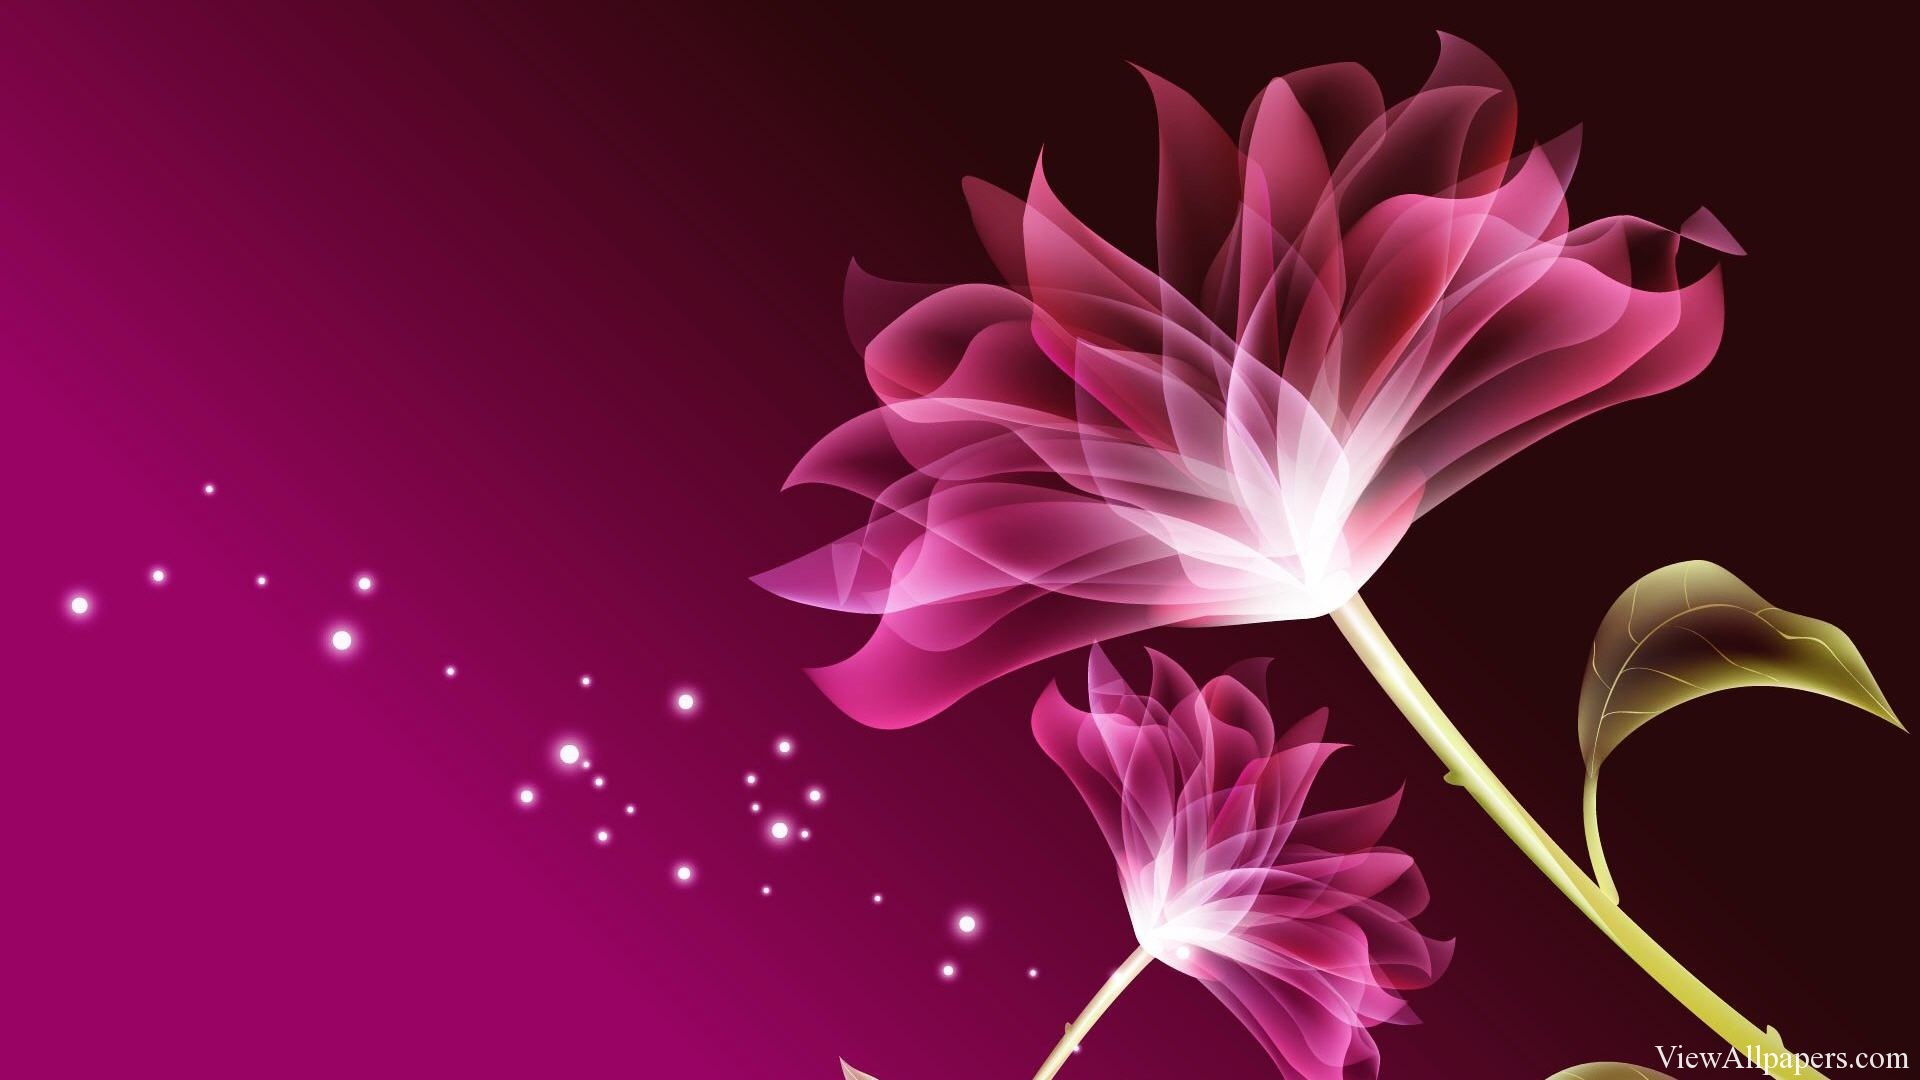 3D Pink Beautiful Flower Wallpaper High Resolution Wallpaper 1920x1080